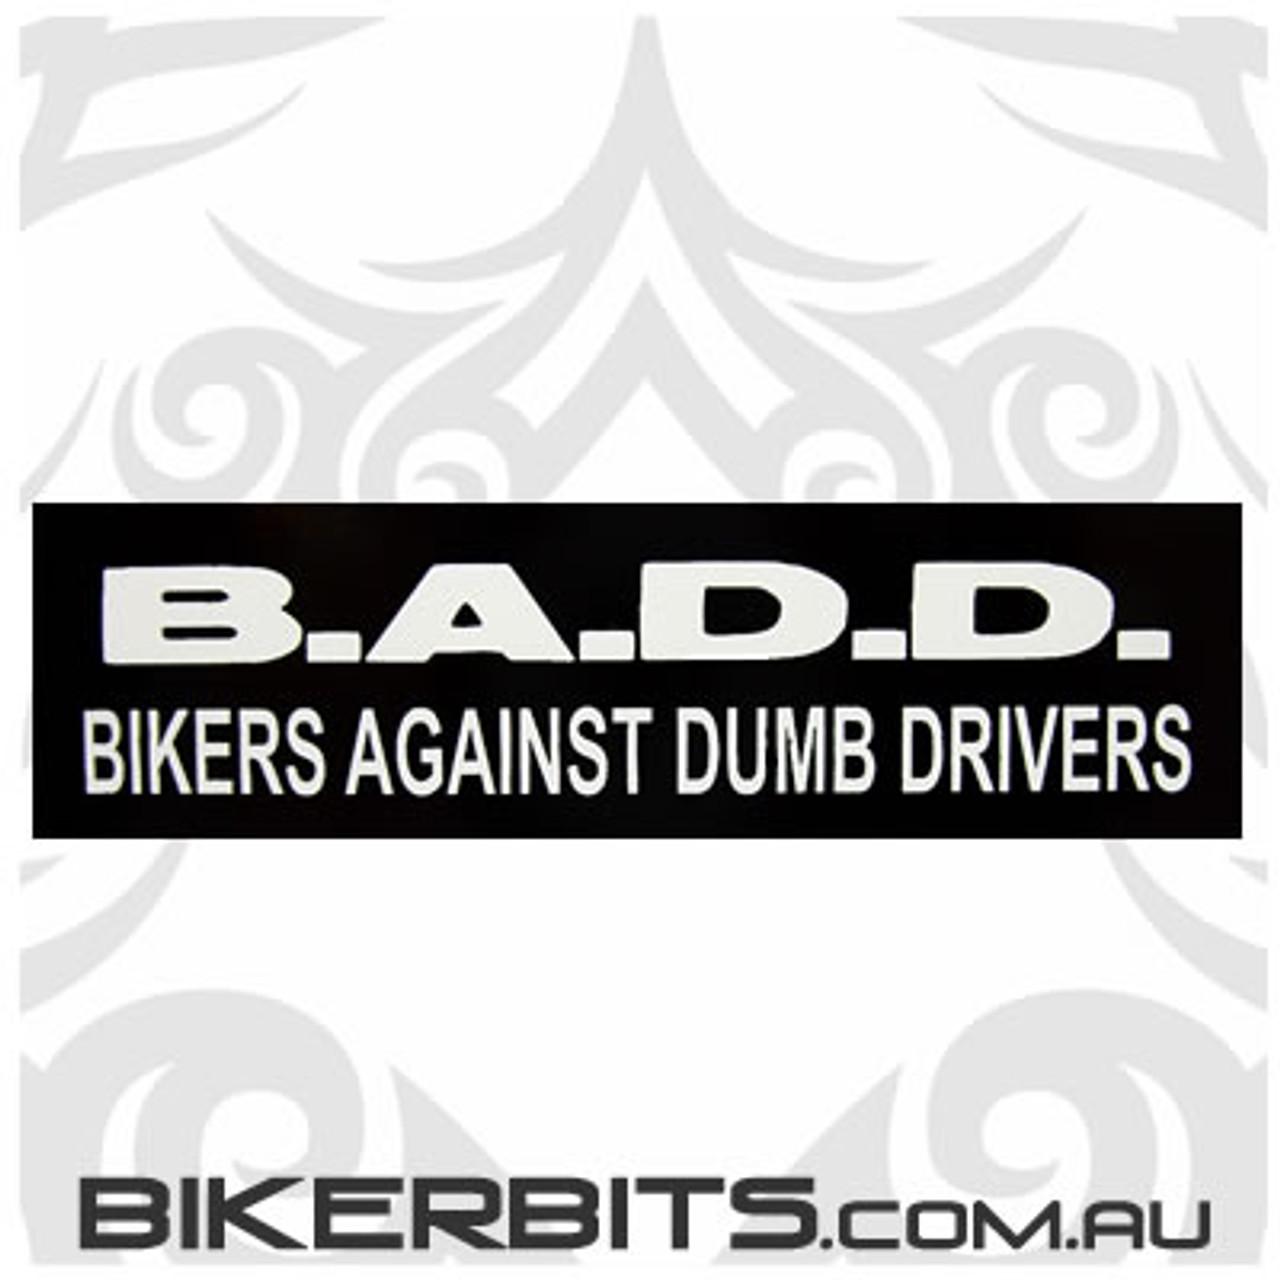 Helmet Sticker - B.A.D.D.